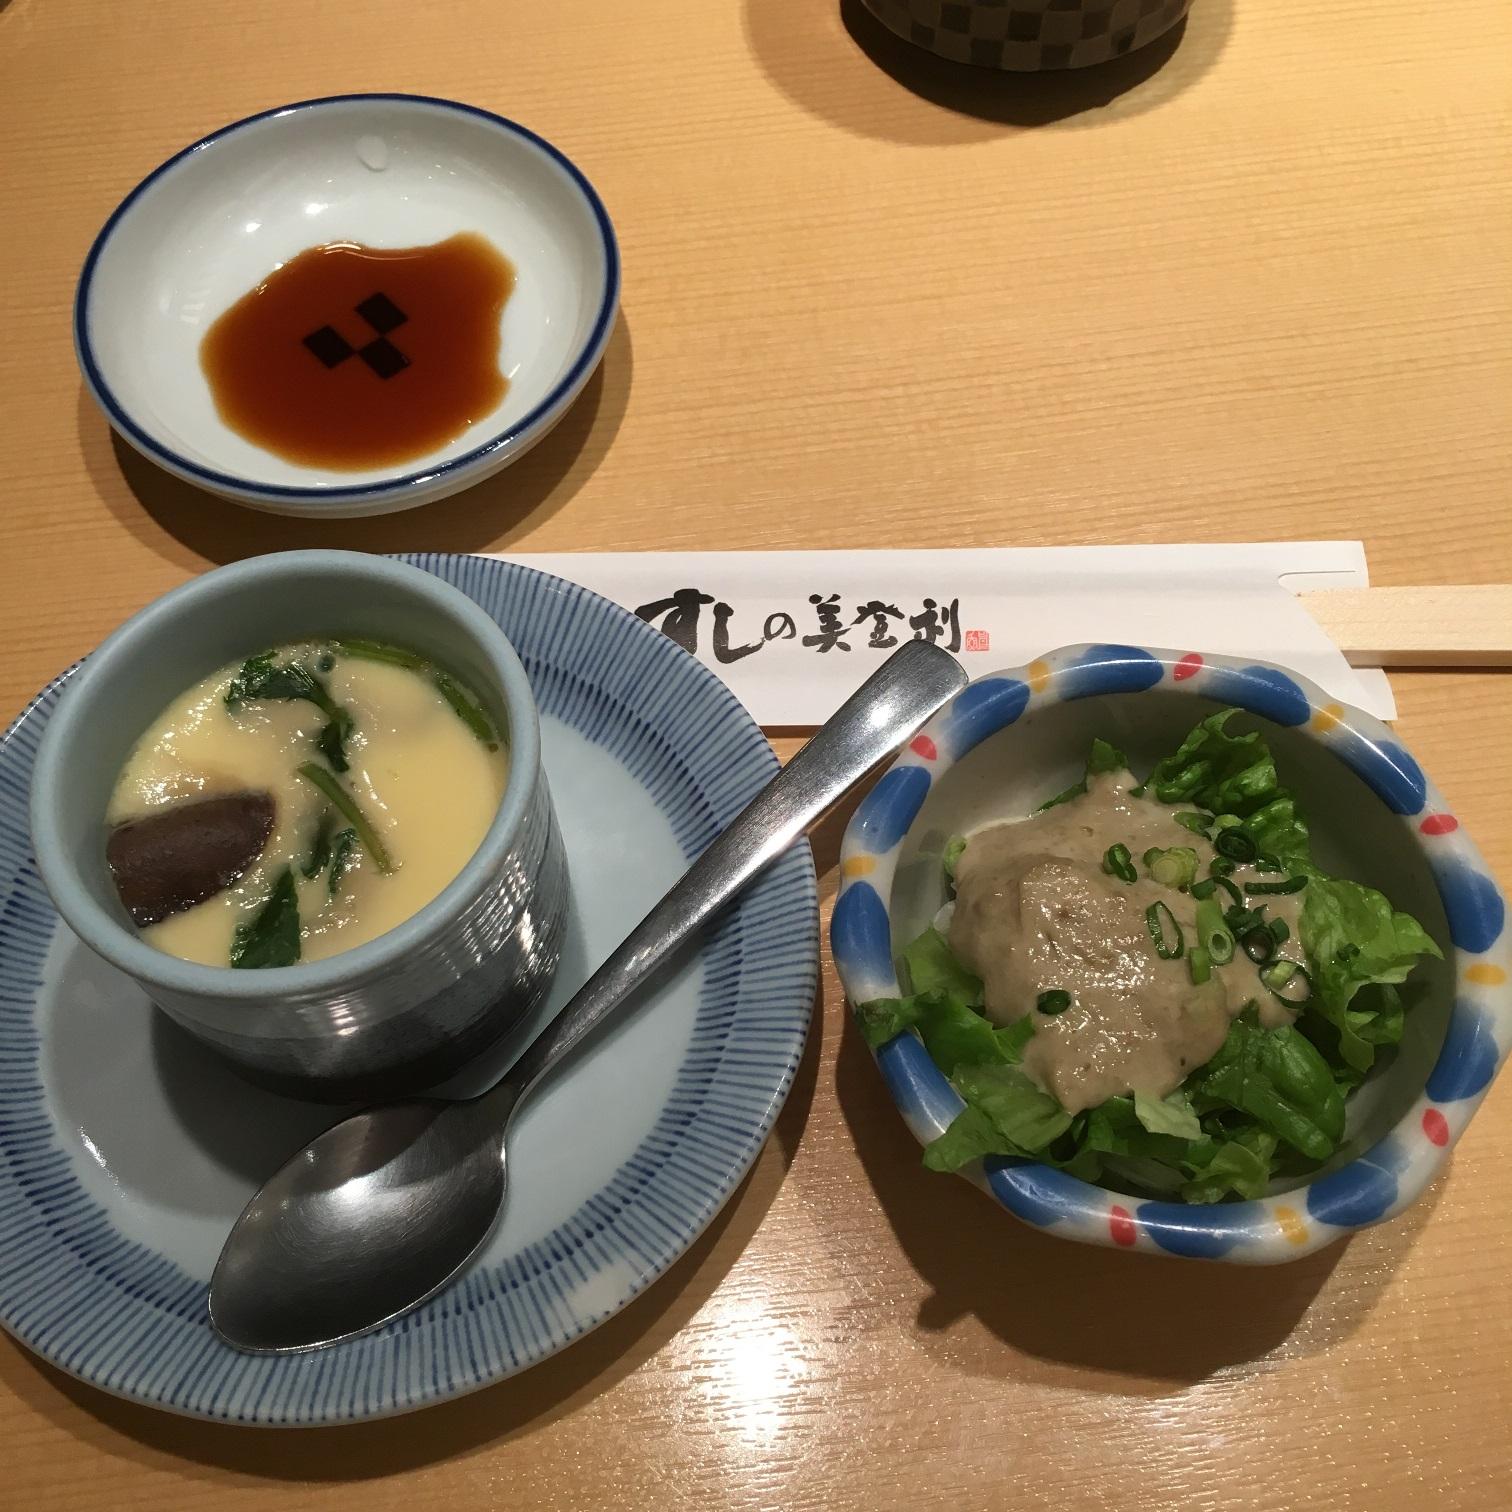 美登利壽司 茶碗蒸